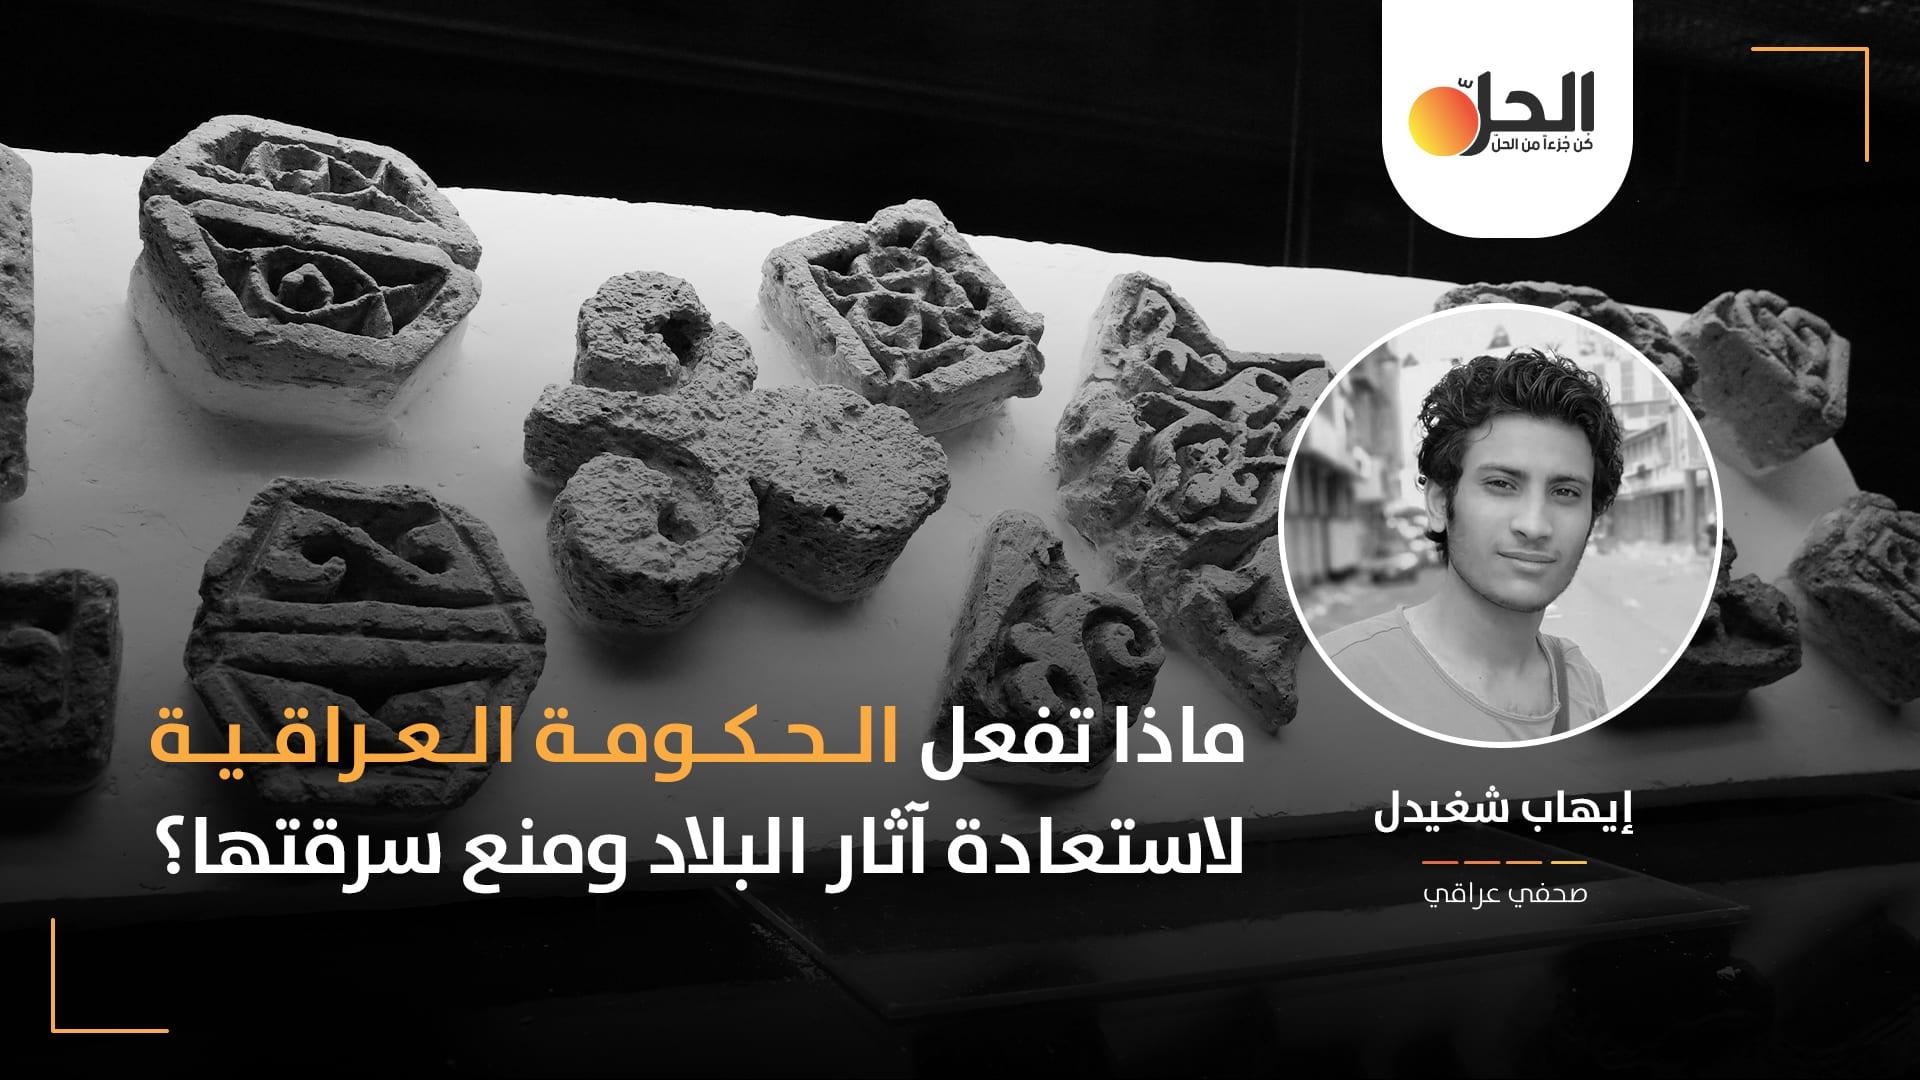 """بعد انتهاك """"داعش"""" للمتاحف والمواقع التاريخية: هل أصبحت الحكومة العراقية شريكاً في تهريب الآثار؟"""